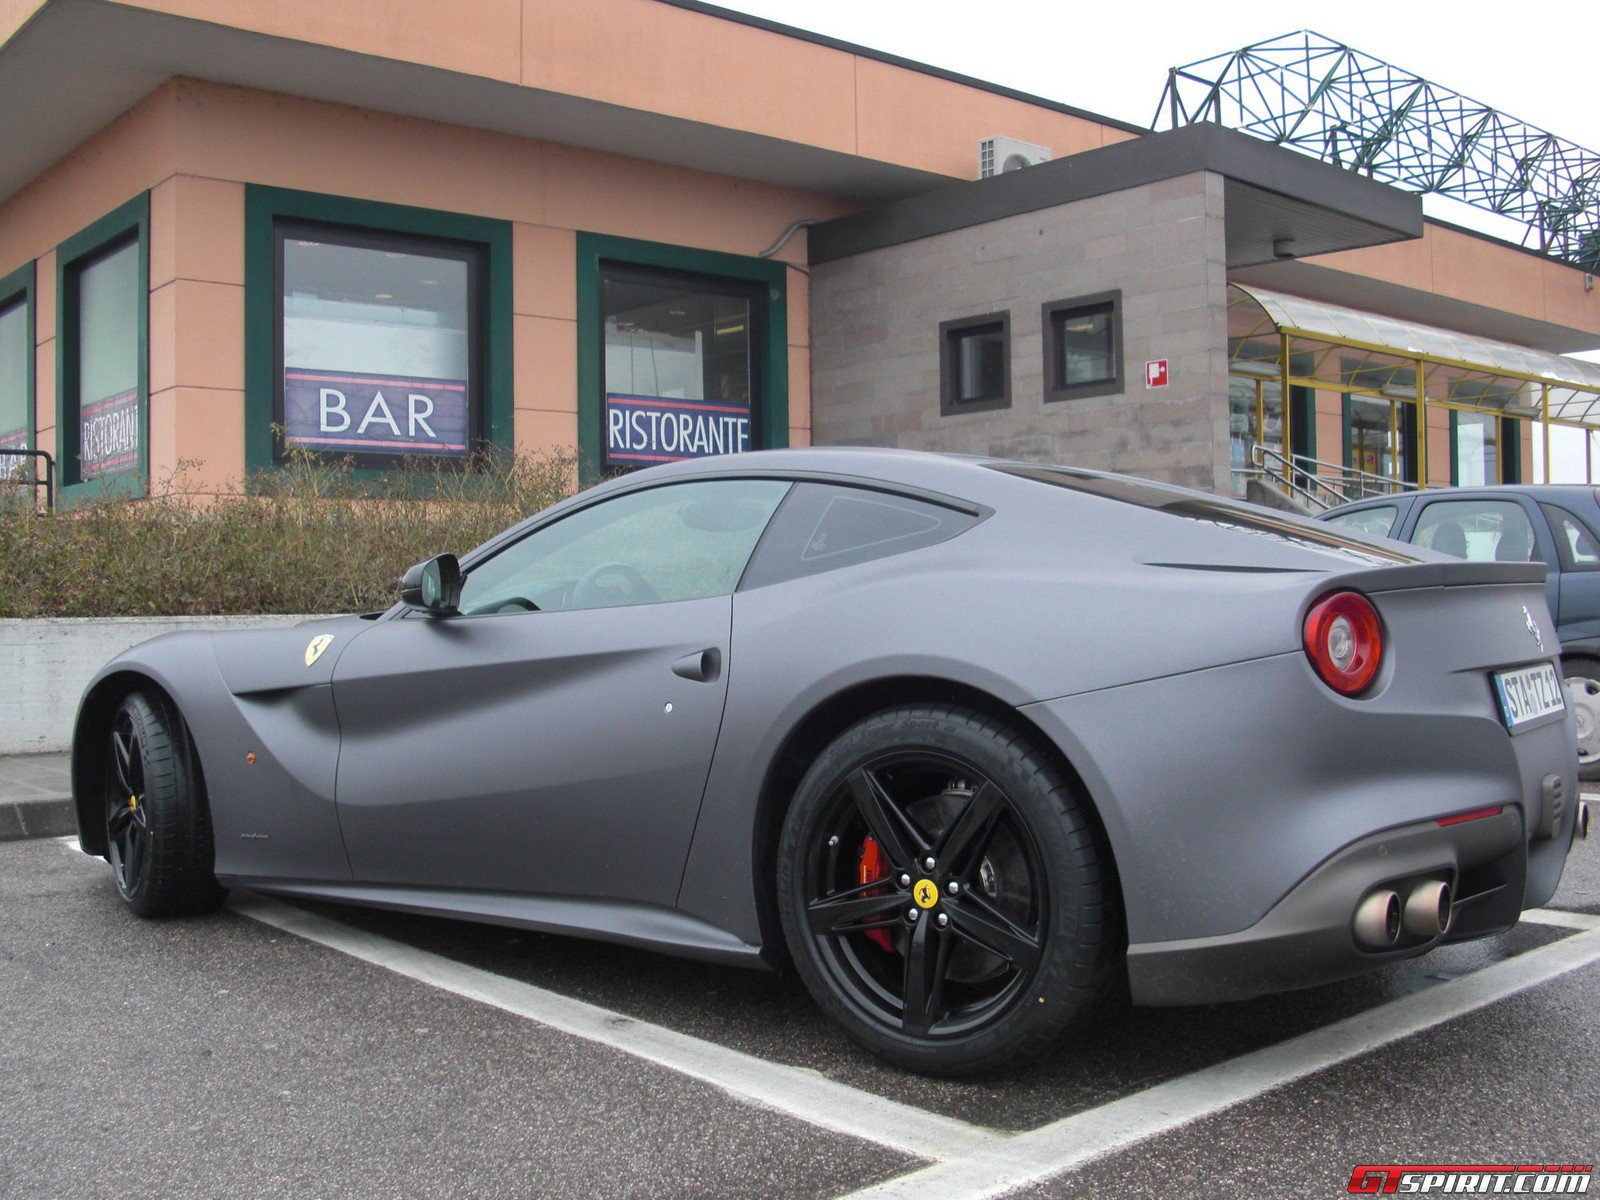 Matte Black Ferrari F12 Gallery  matte grey ferrariFerrari F12 Matte Black